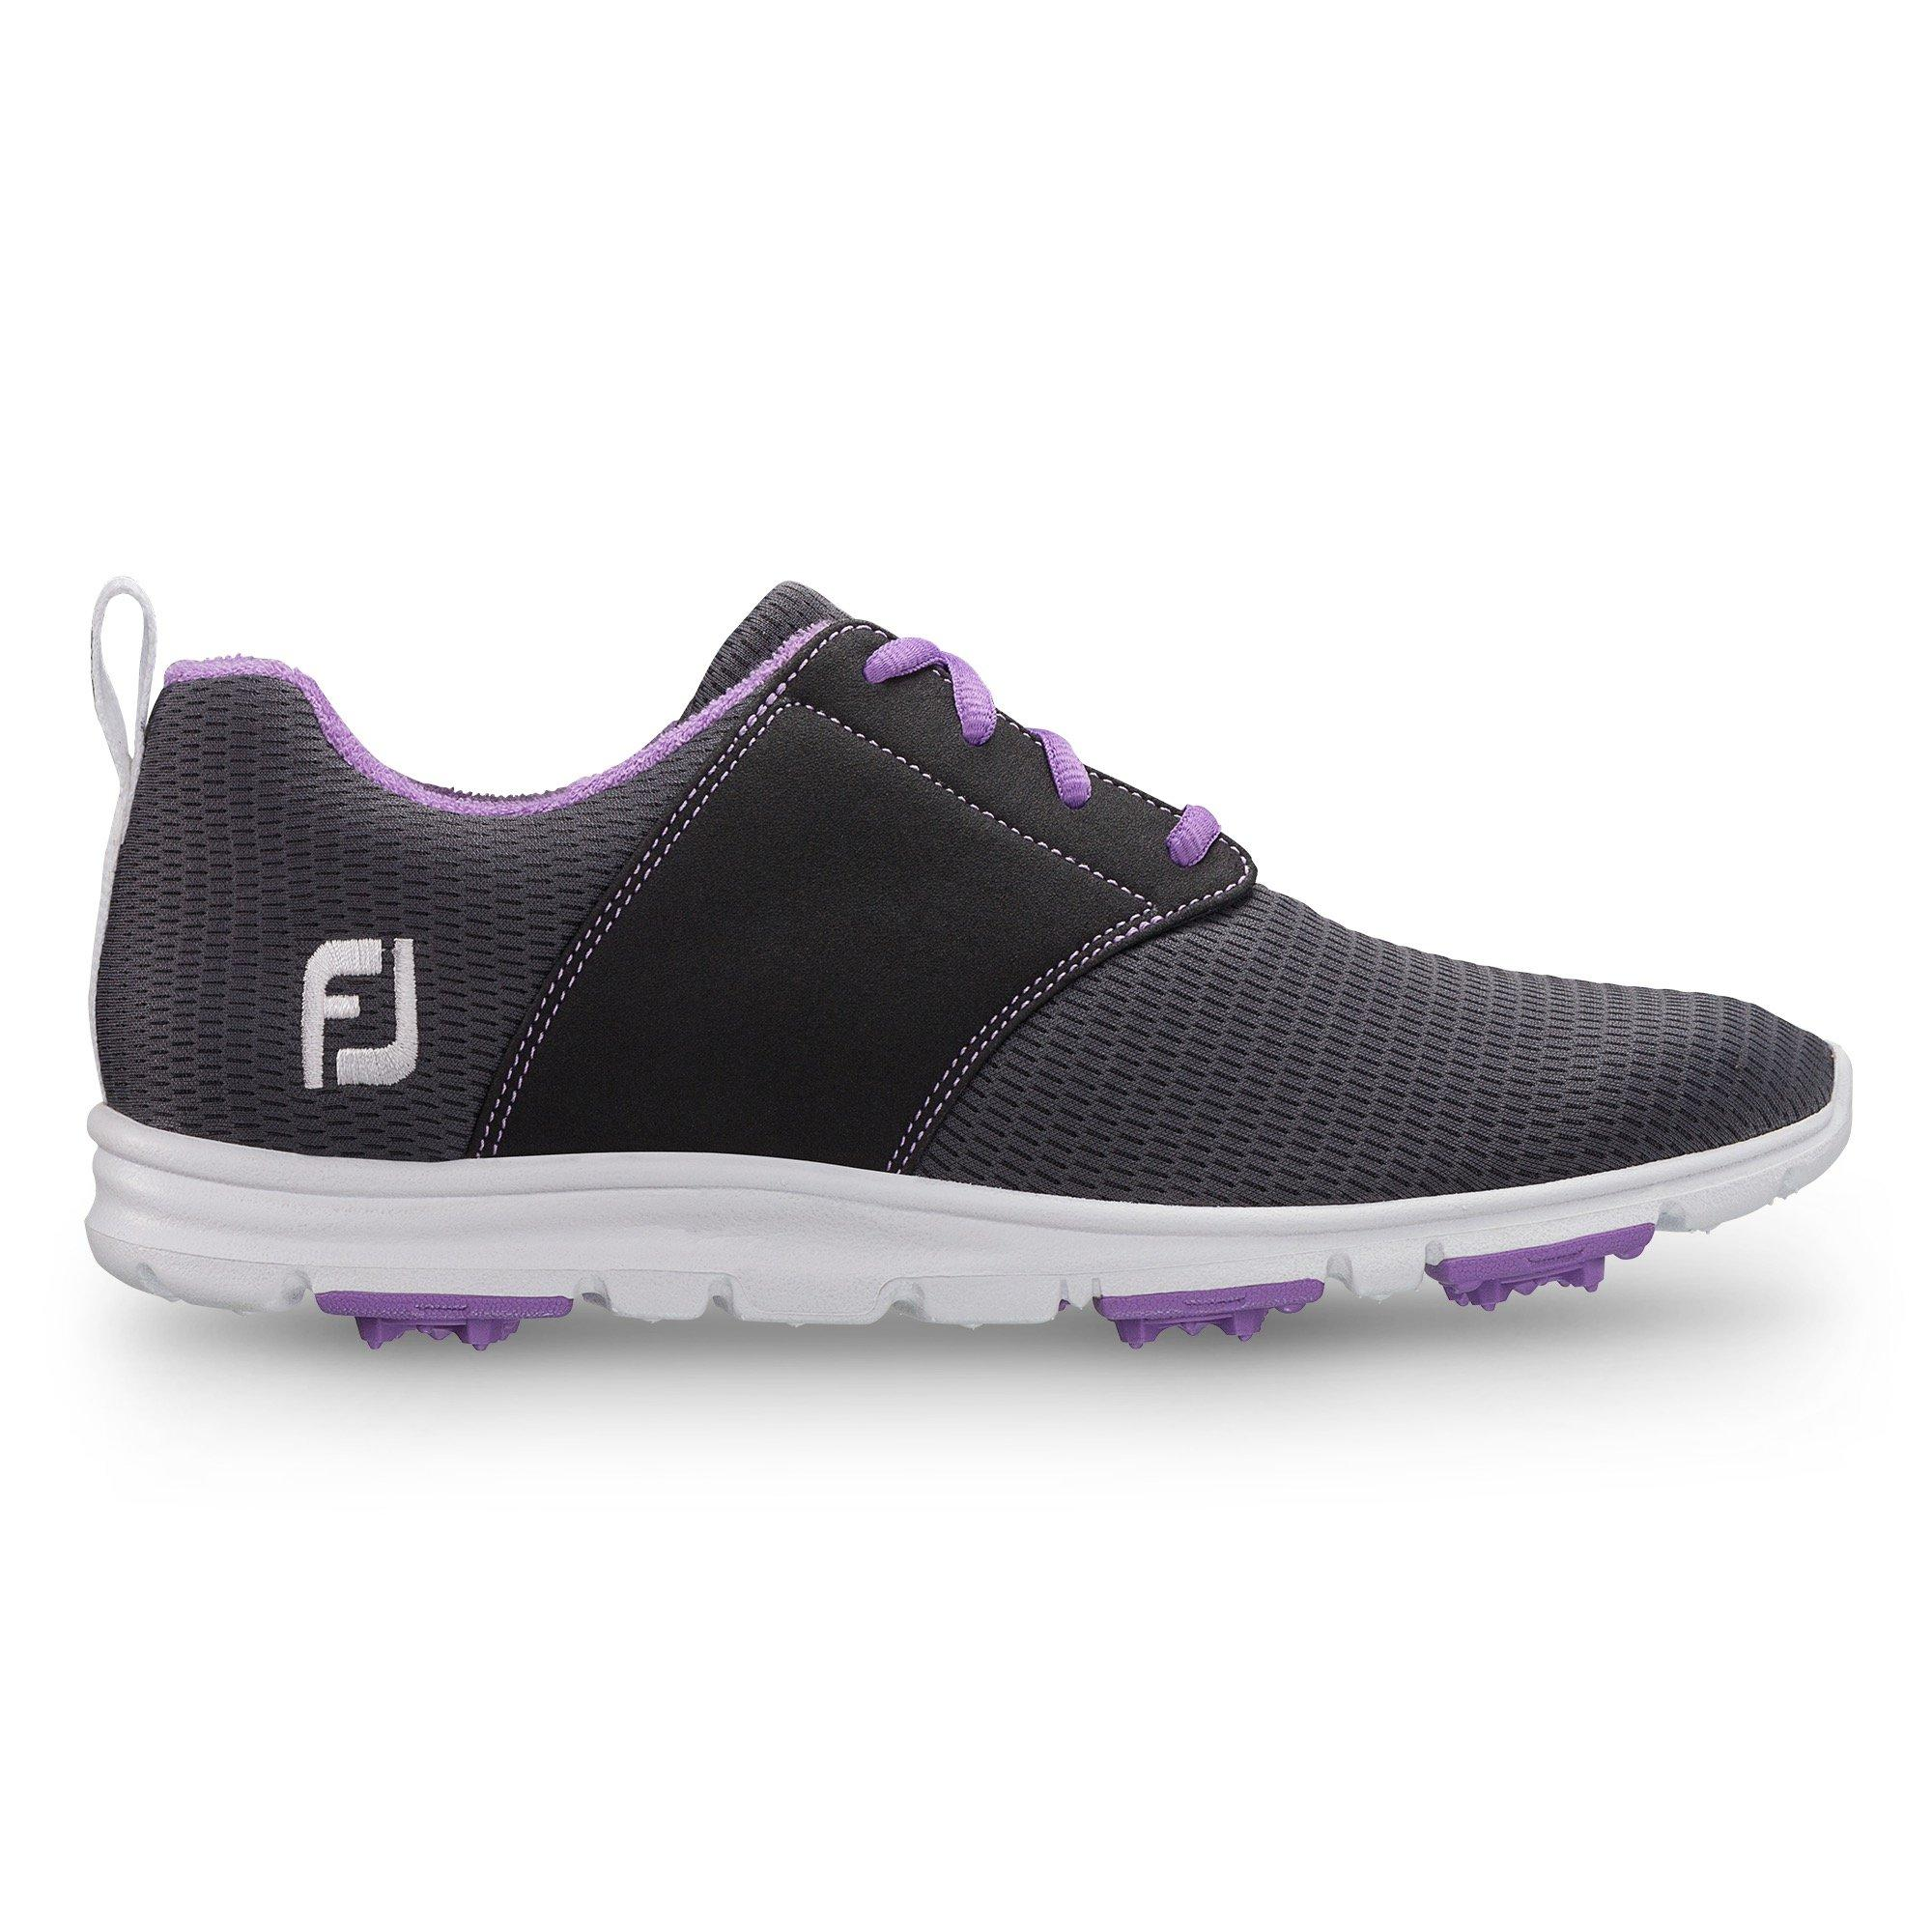 Women's Enjoy Spikeless Golf Shoe - DKGRY/LTPUR